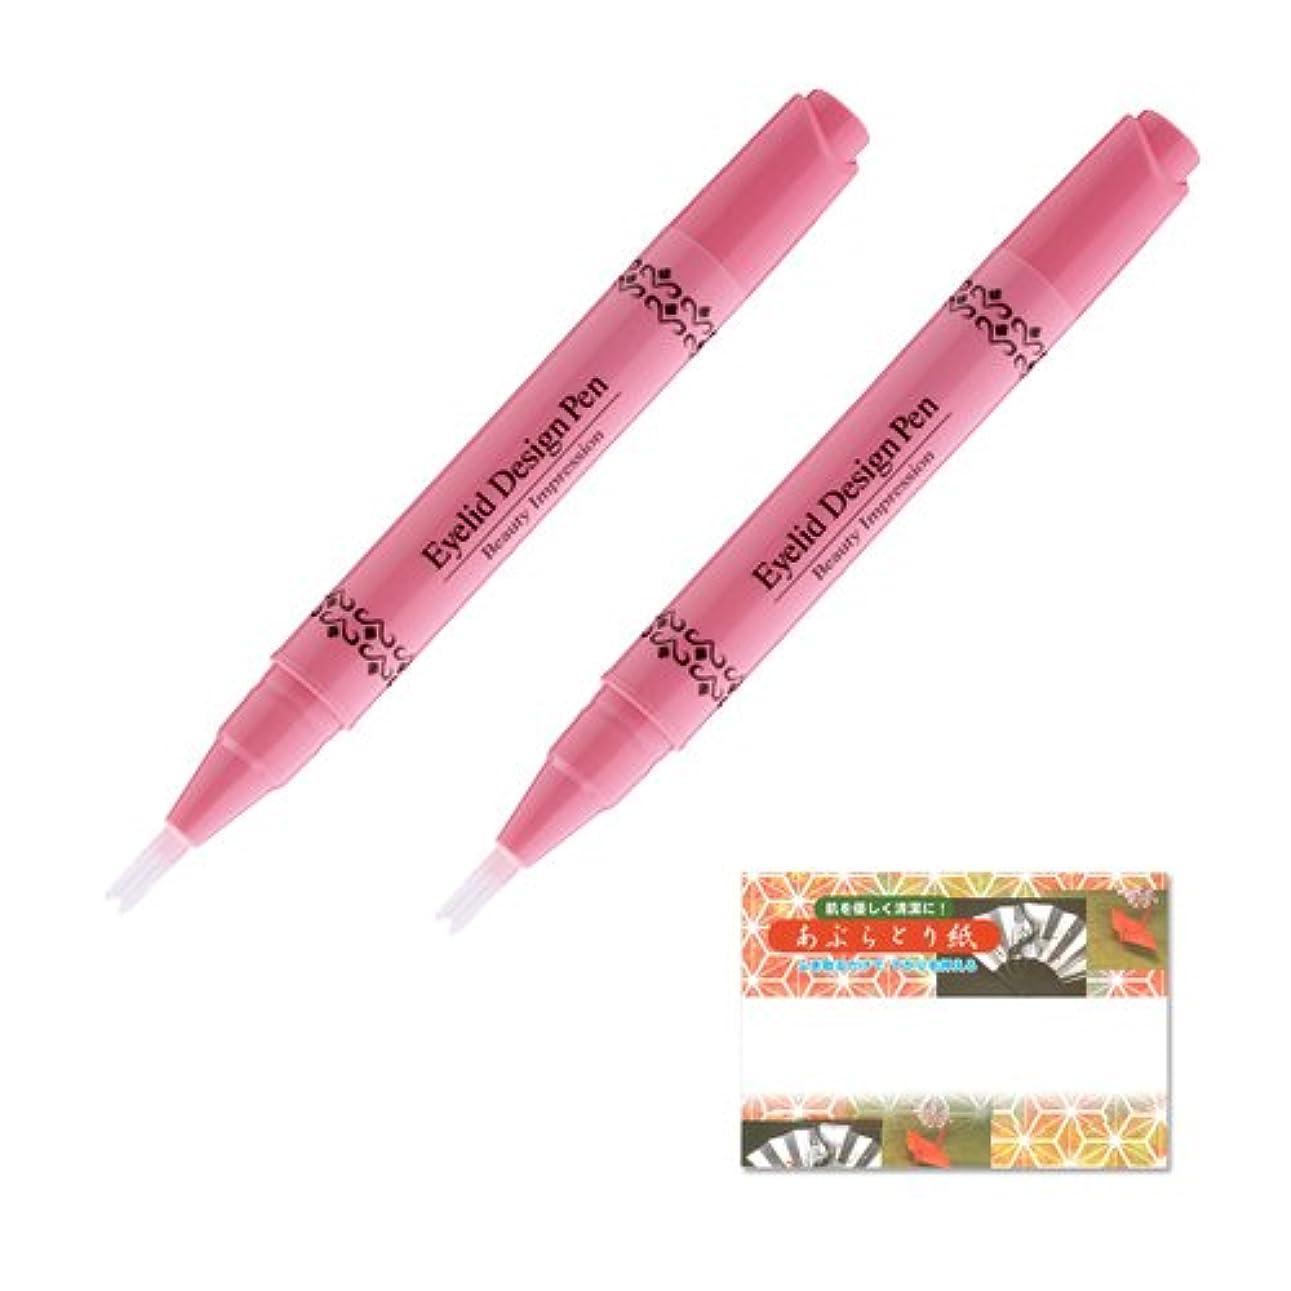 Beauty Impression アイリッドデザインペン 2ml (二重まぶた形成化粧品) ×2組 油取り紙のセット